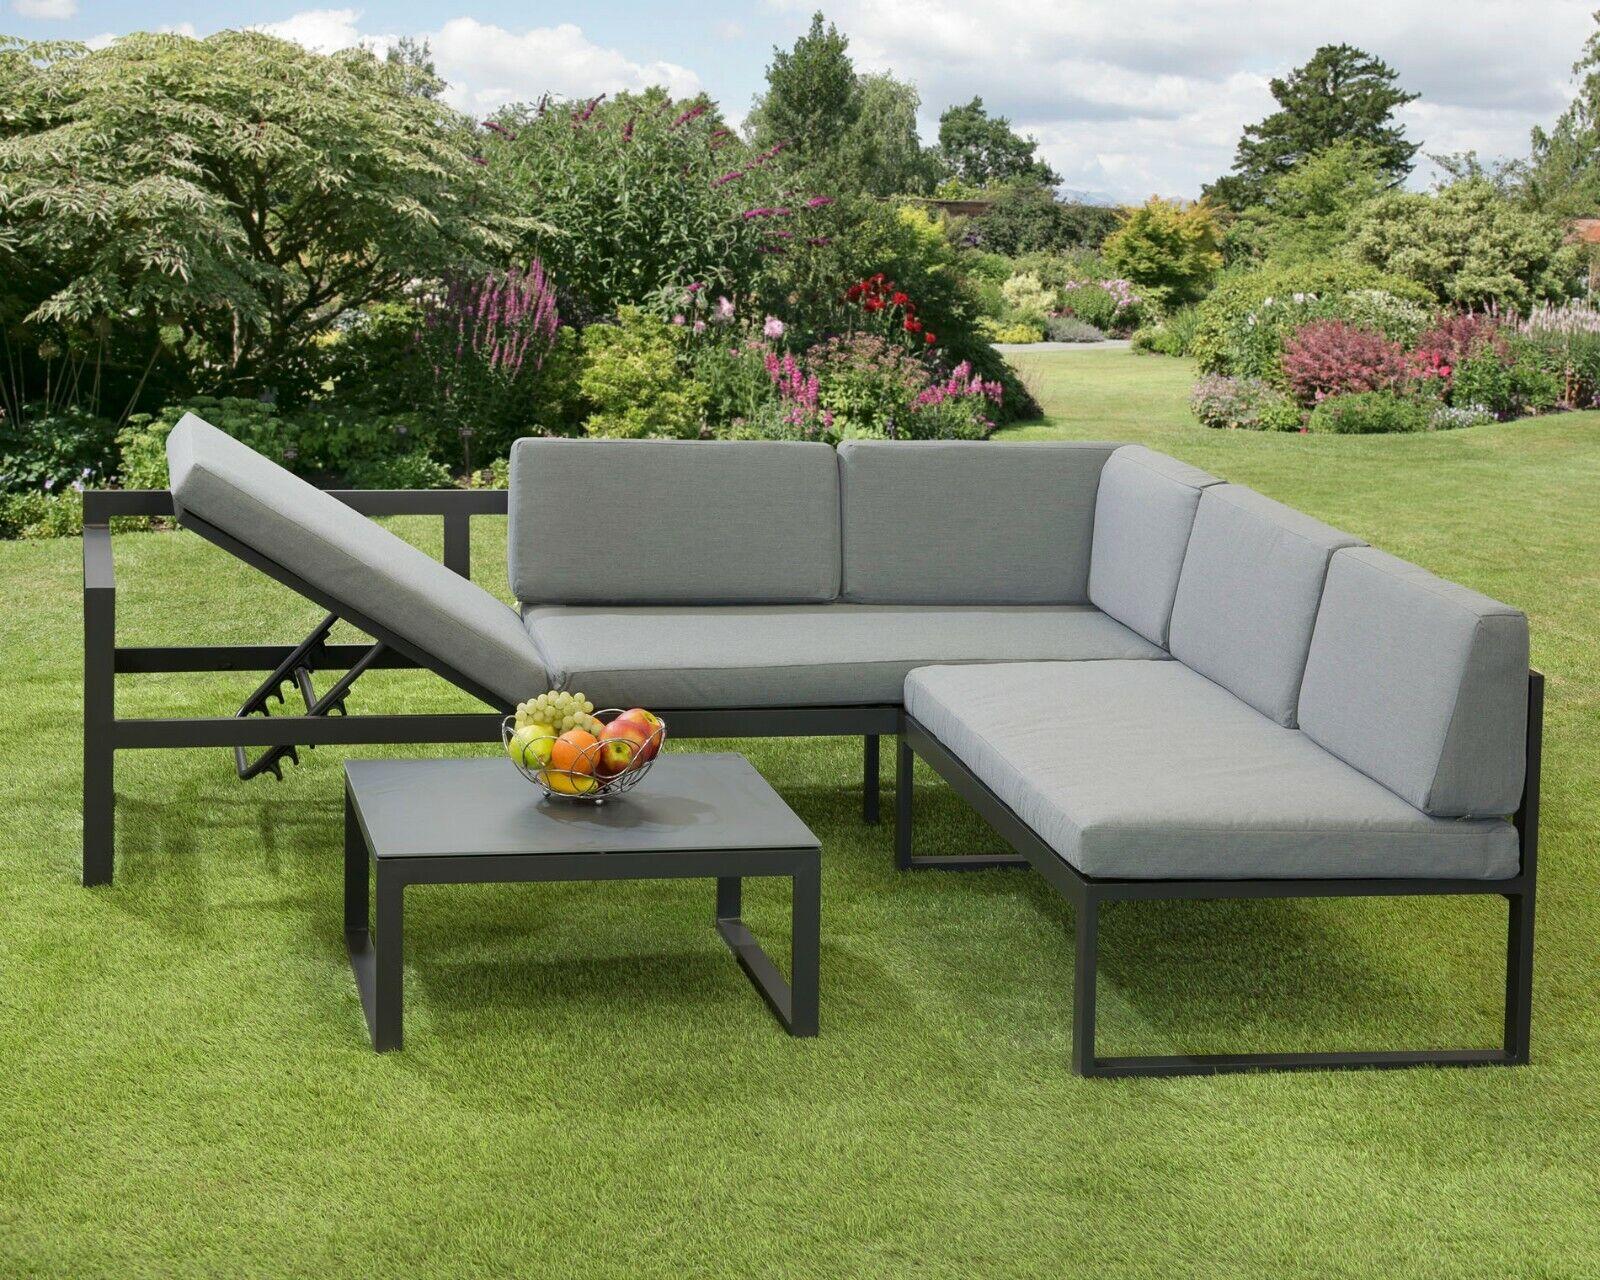 Garden Furniture - Corner Garden Furniture Aluminium Frame Convertible Sun lounger Fully Assembled